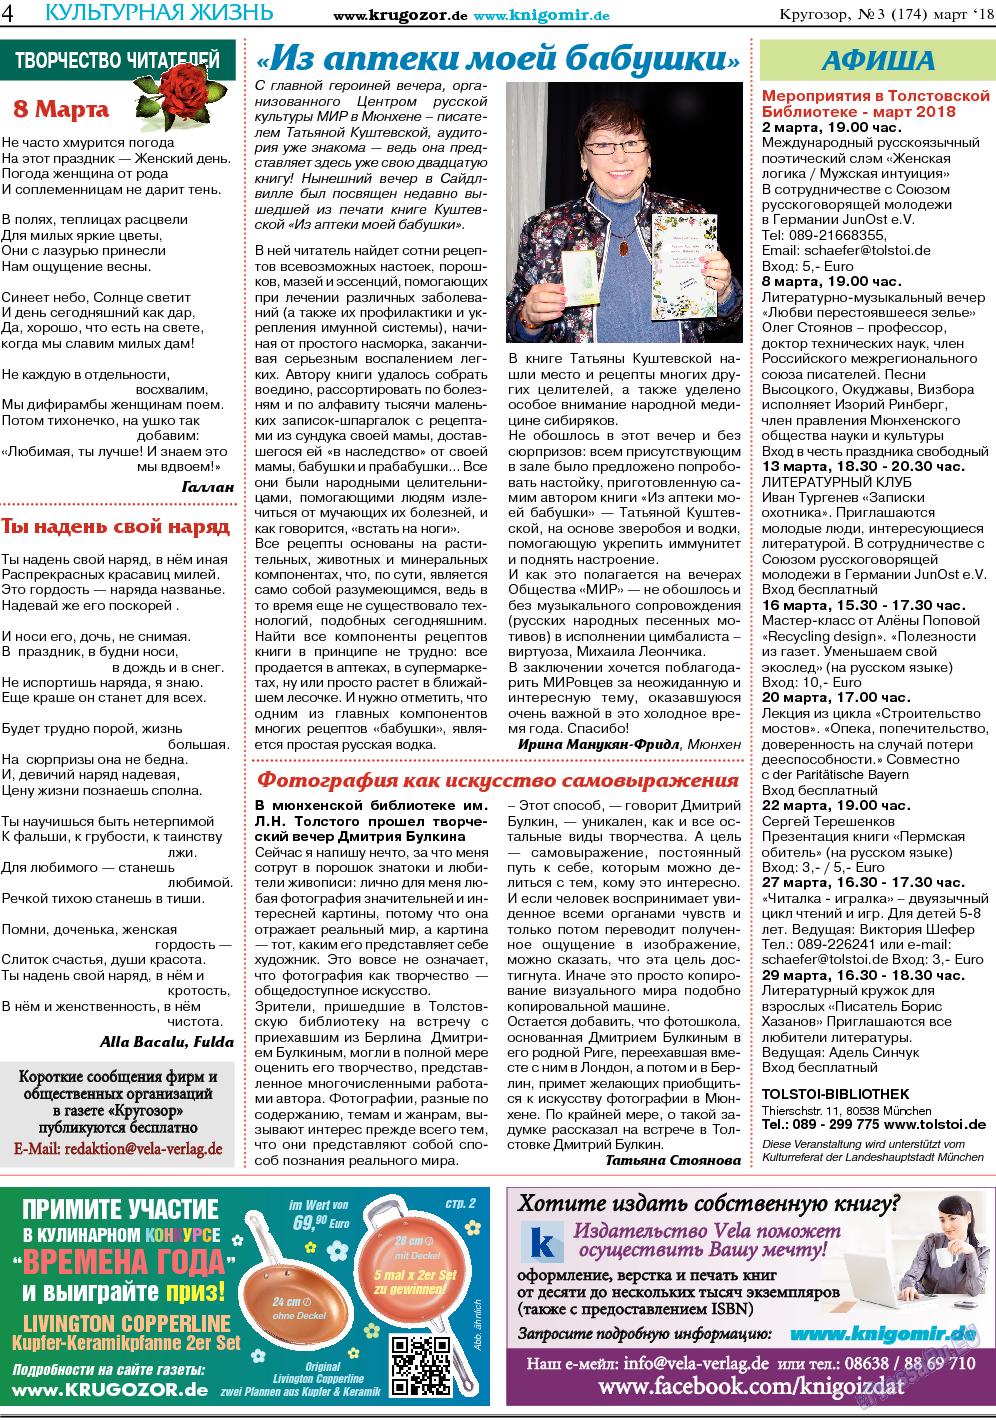 Кругозор (газета). 2018 год, номер 3, стр. 4